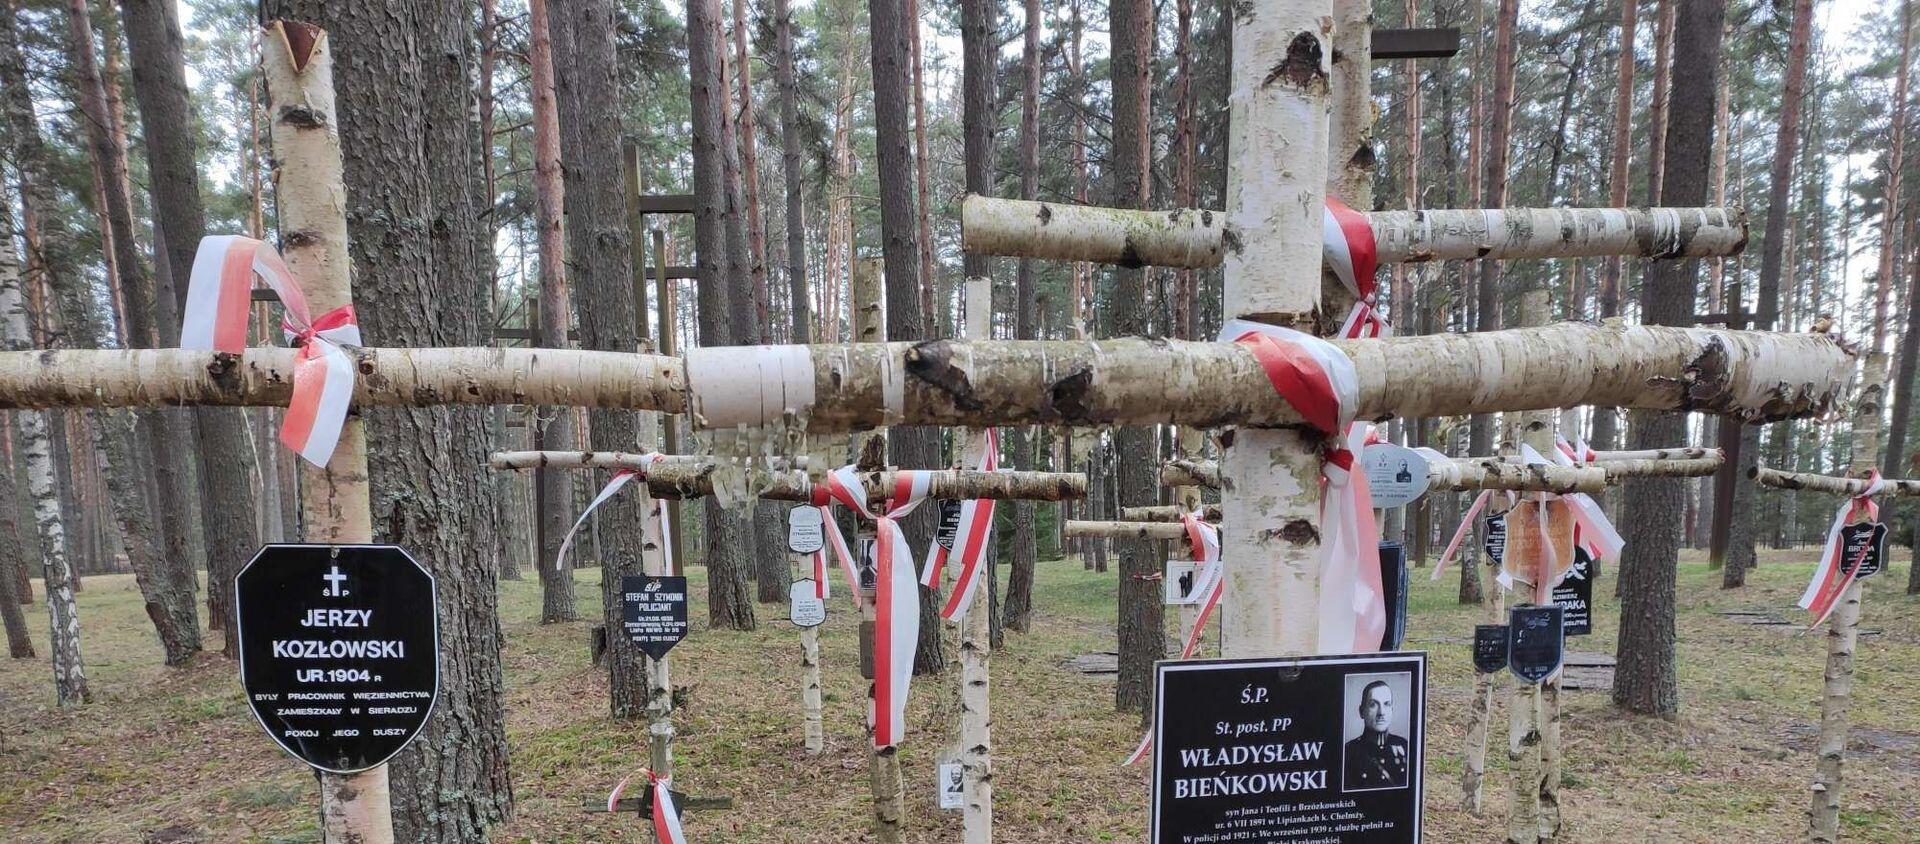 Polski Cmentarz Wojenny w Miednoje - Sputnik Polska, 1920, 19.05.2020